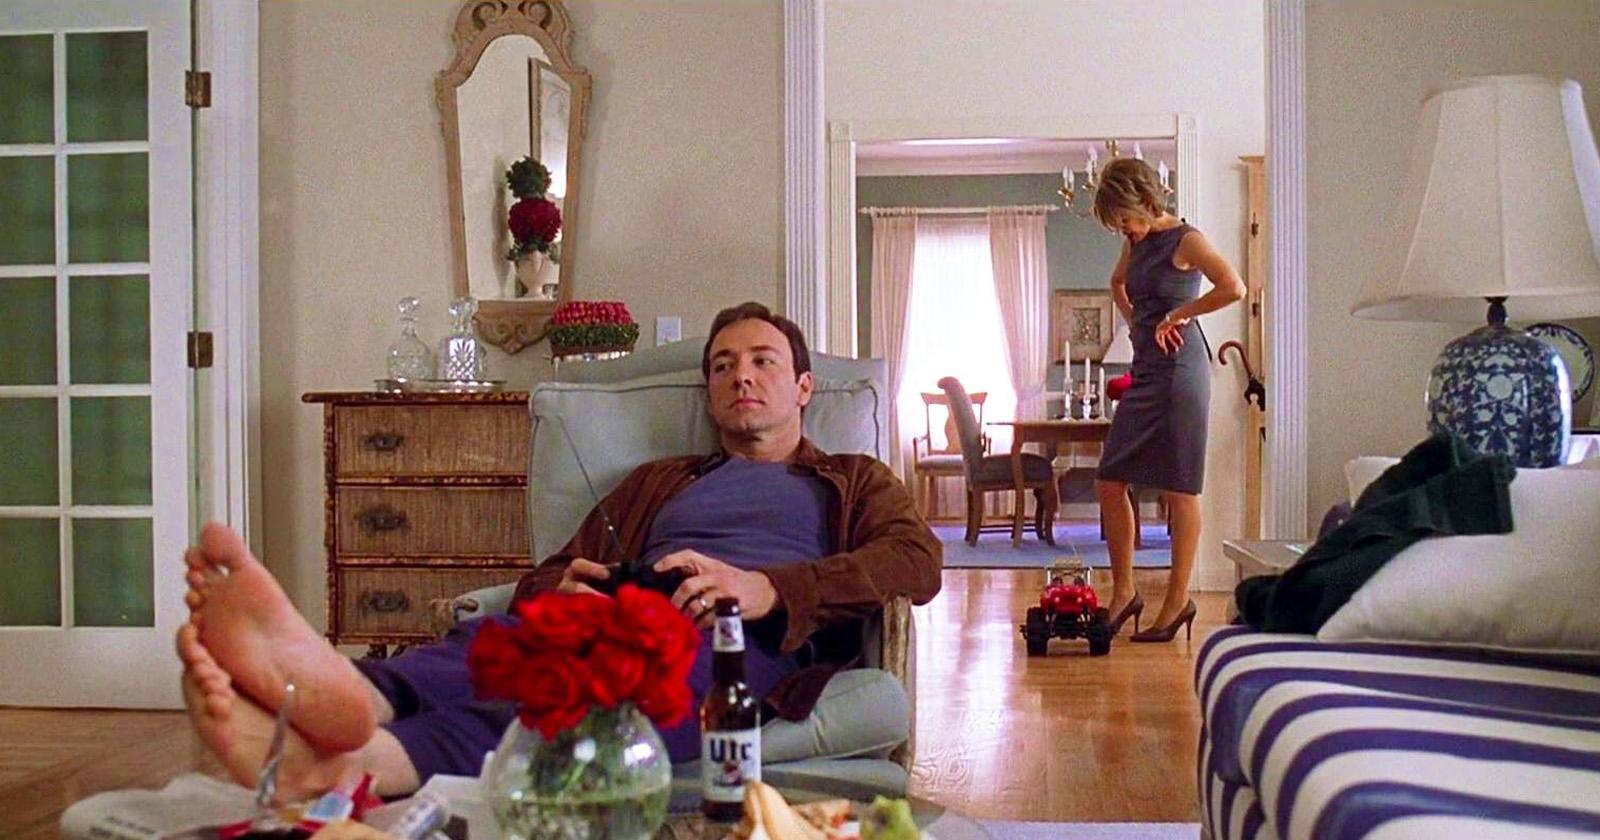 Lester (Kevin Spacey) tendido sobre un sillón. Detrás, Carolyn (Annette Bening) pasando la aspiradora. Escena de American Beauty.